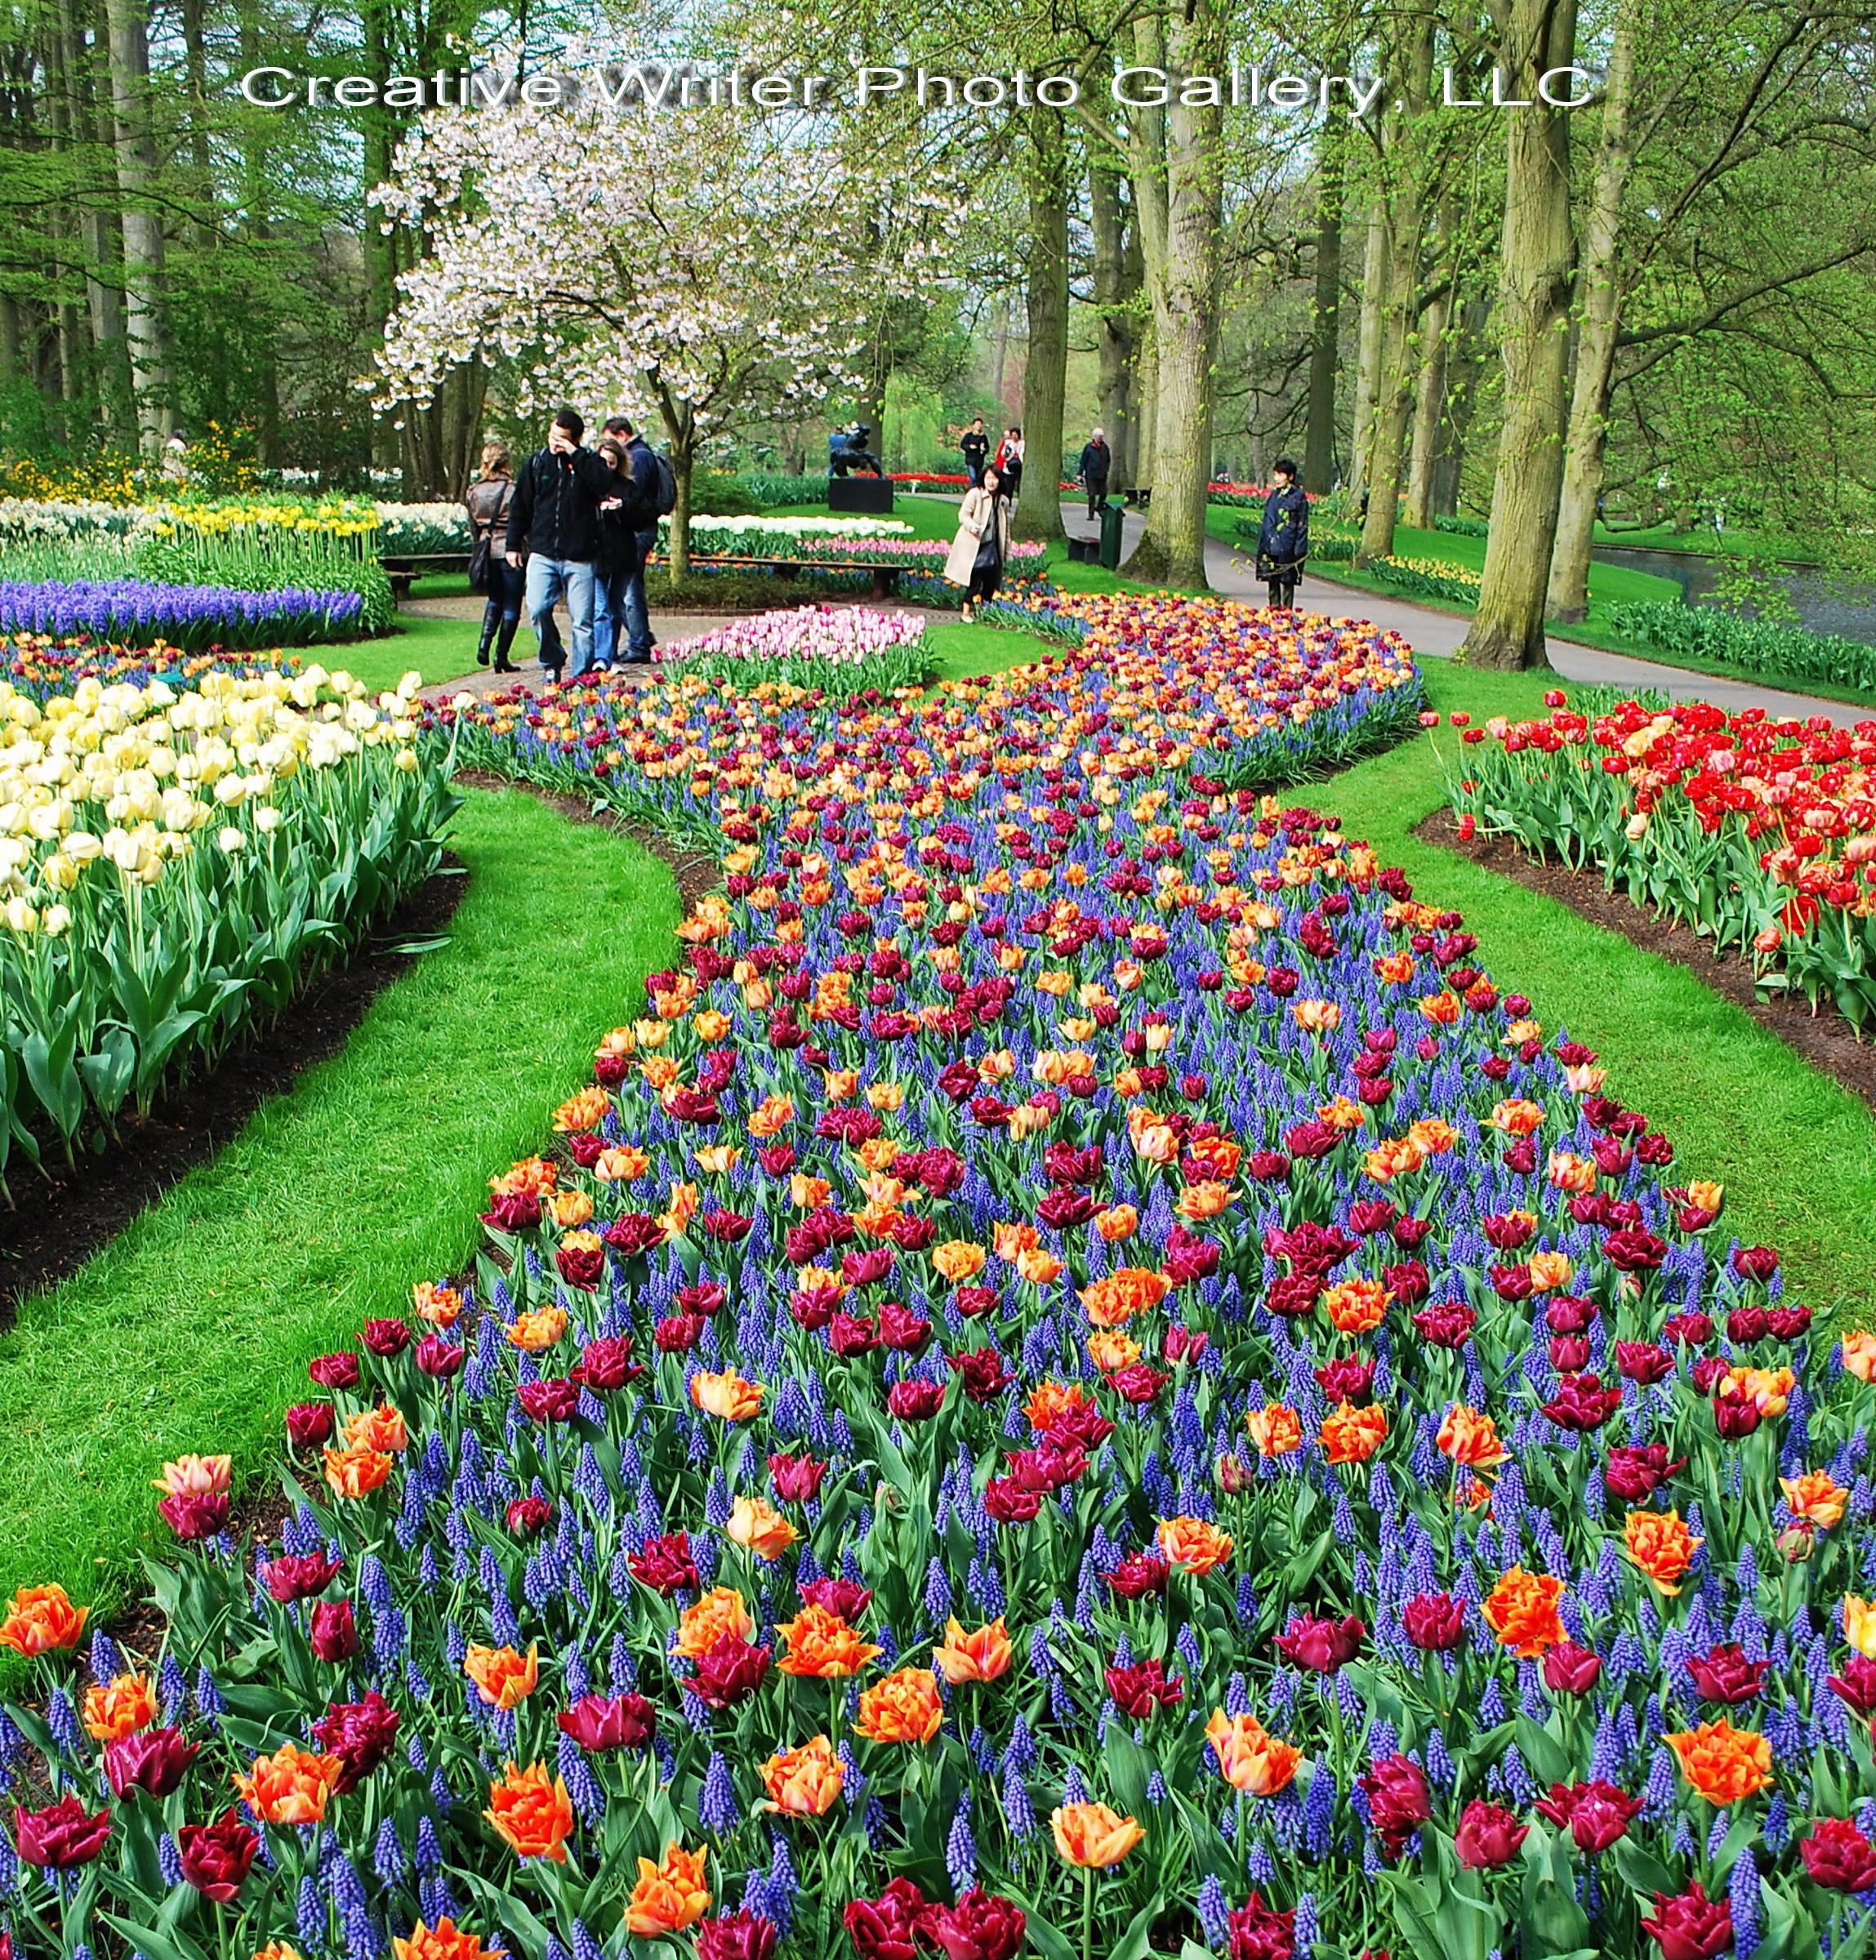 أمستردام الهولنديه عاصمة الزهور الكاتب All Time مدينة أمستردام في